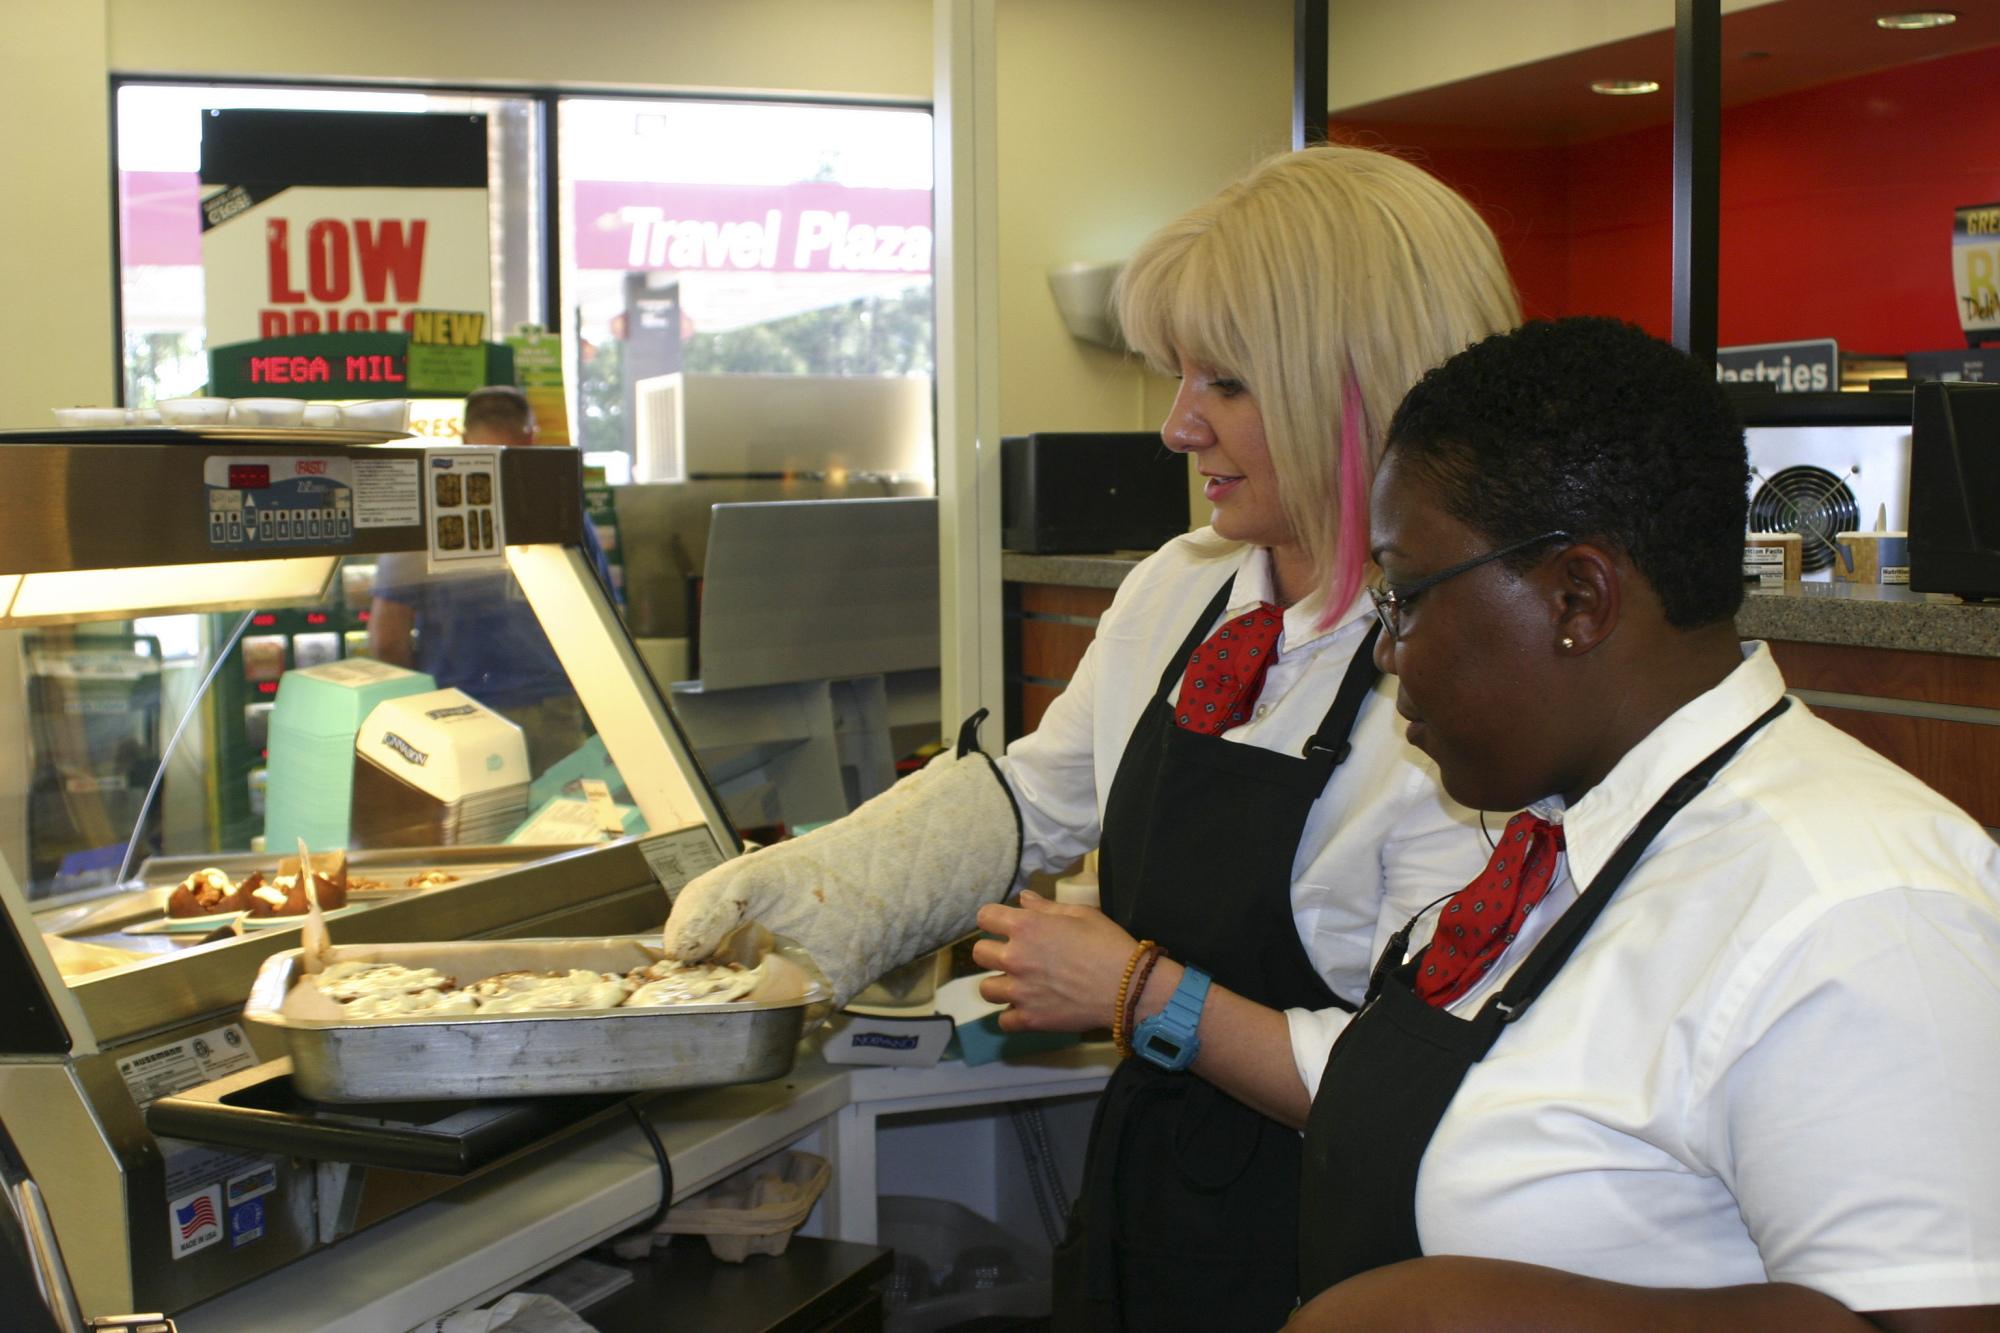 Kat Working With Moka